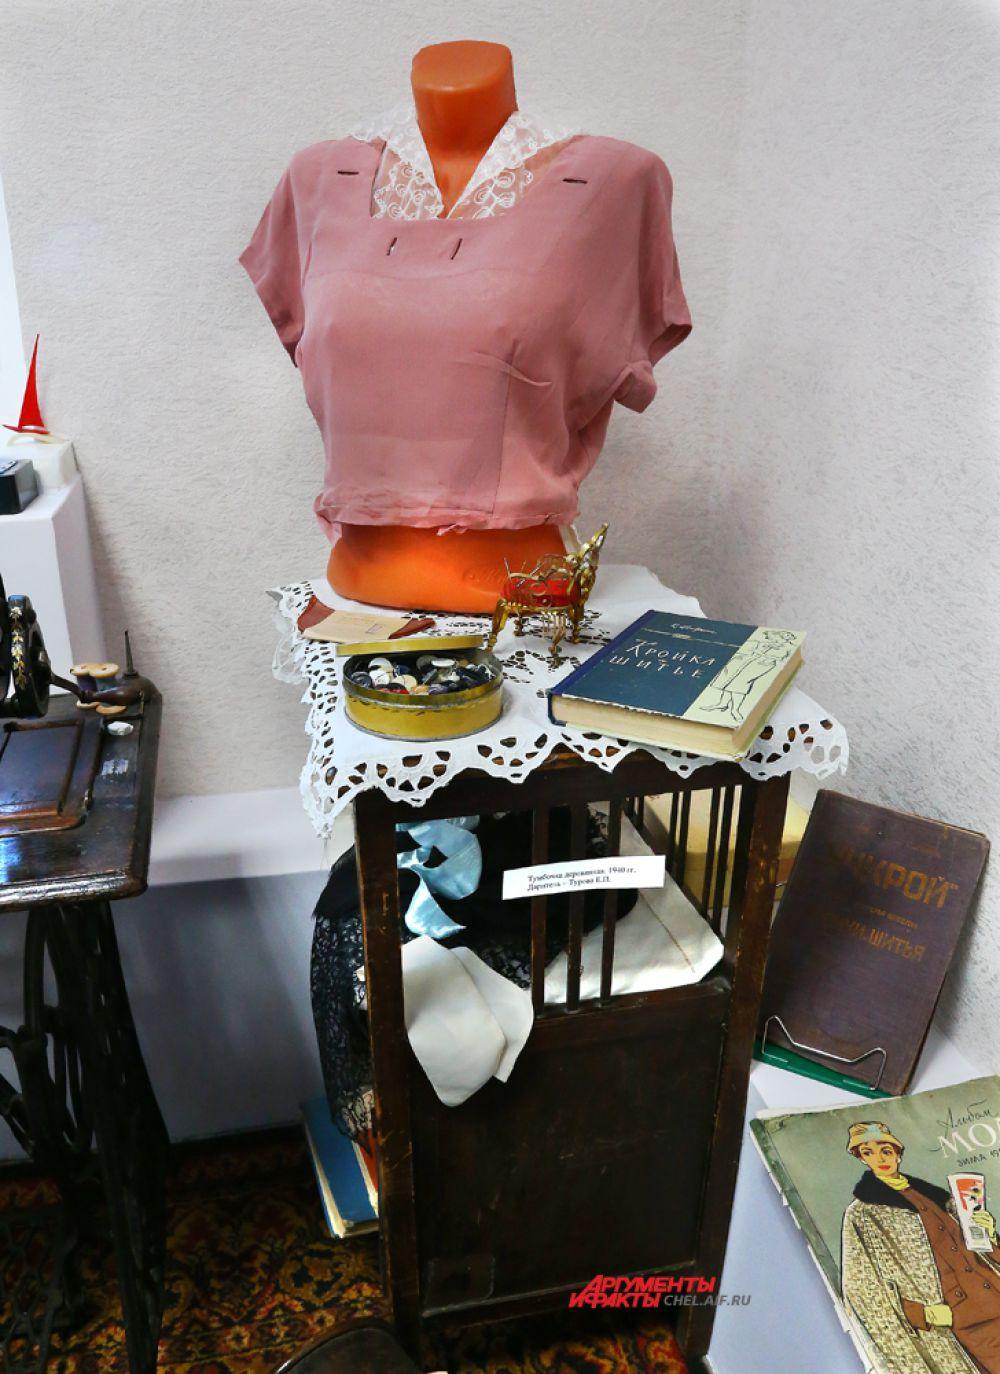 Уголок для шитья.Манекен с недошитой блузкой.Под блузкой фабричная манишка из капрона.1960 год.